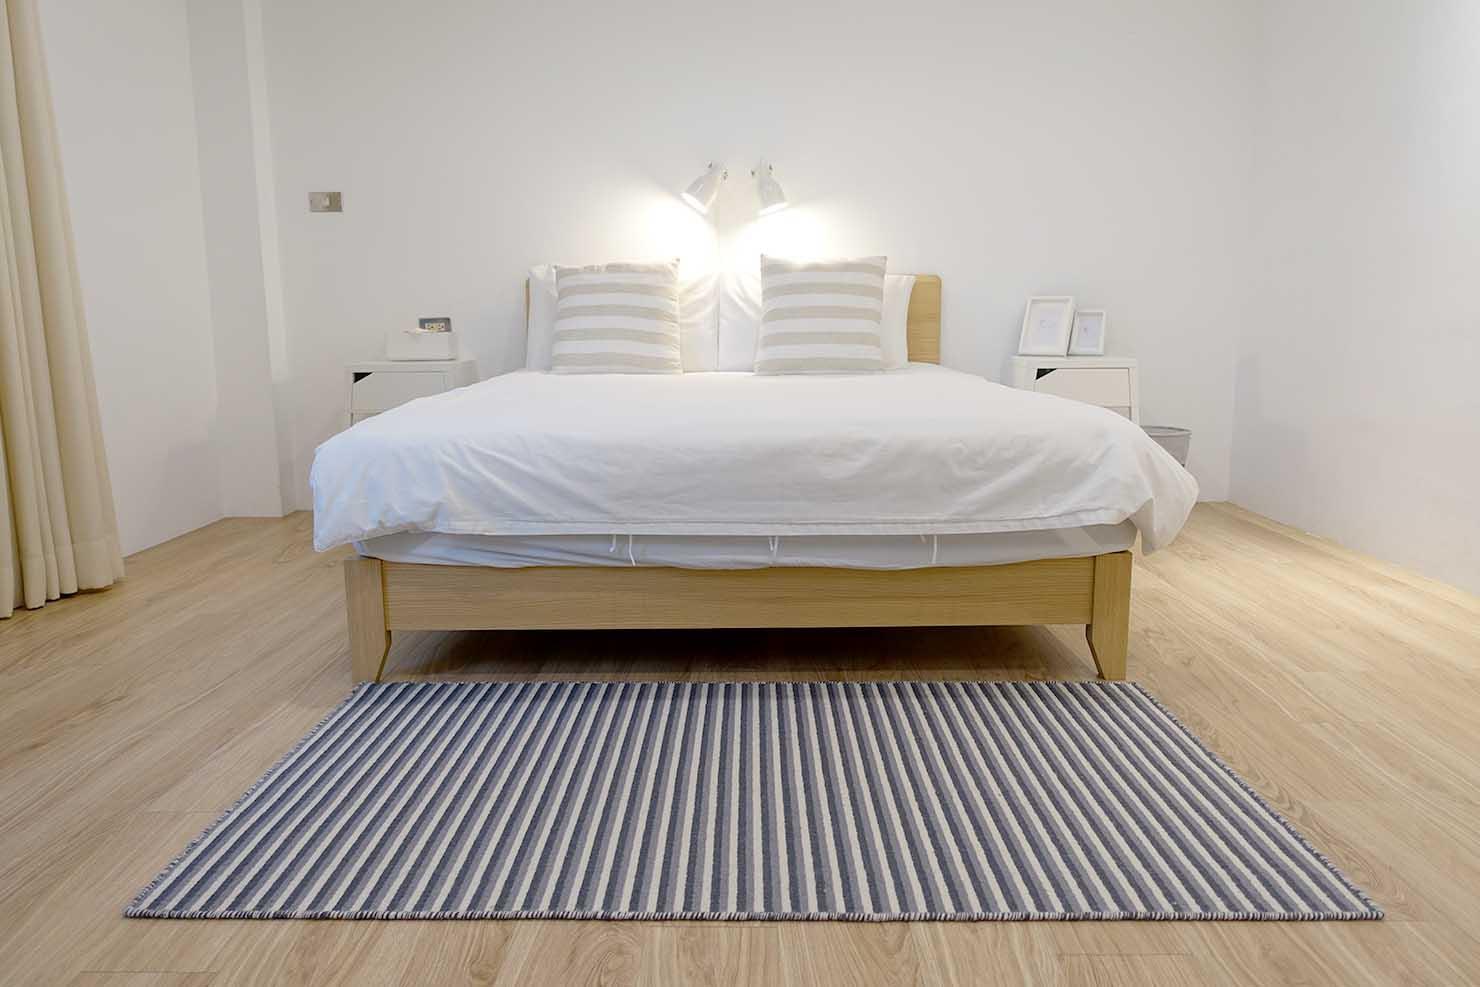 高雄・美麗島駅徒歩3分の立地最高なおすすめホテル「小島公寓 Island House」ダブルルームのベッド